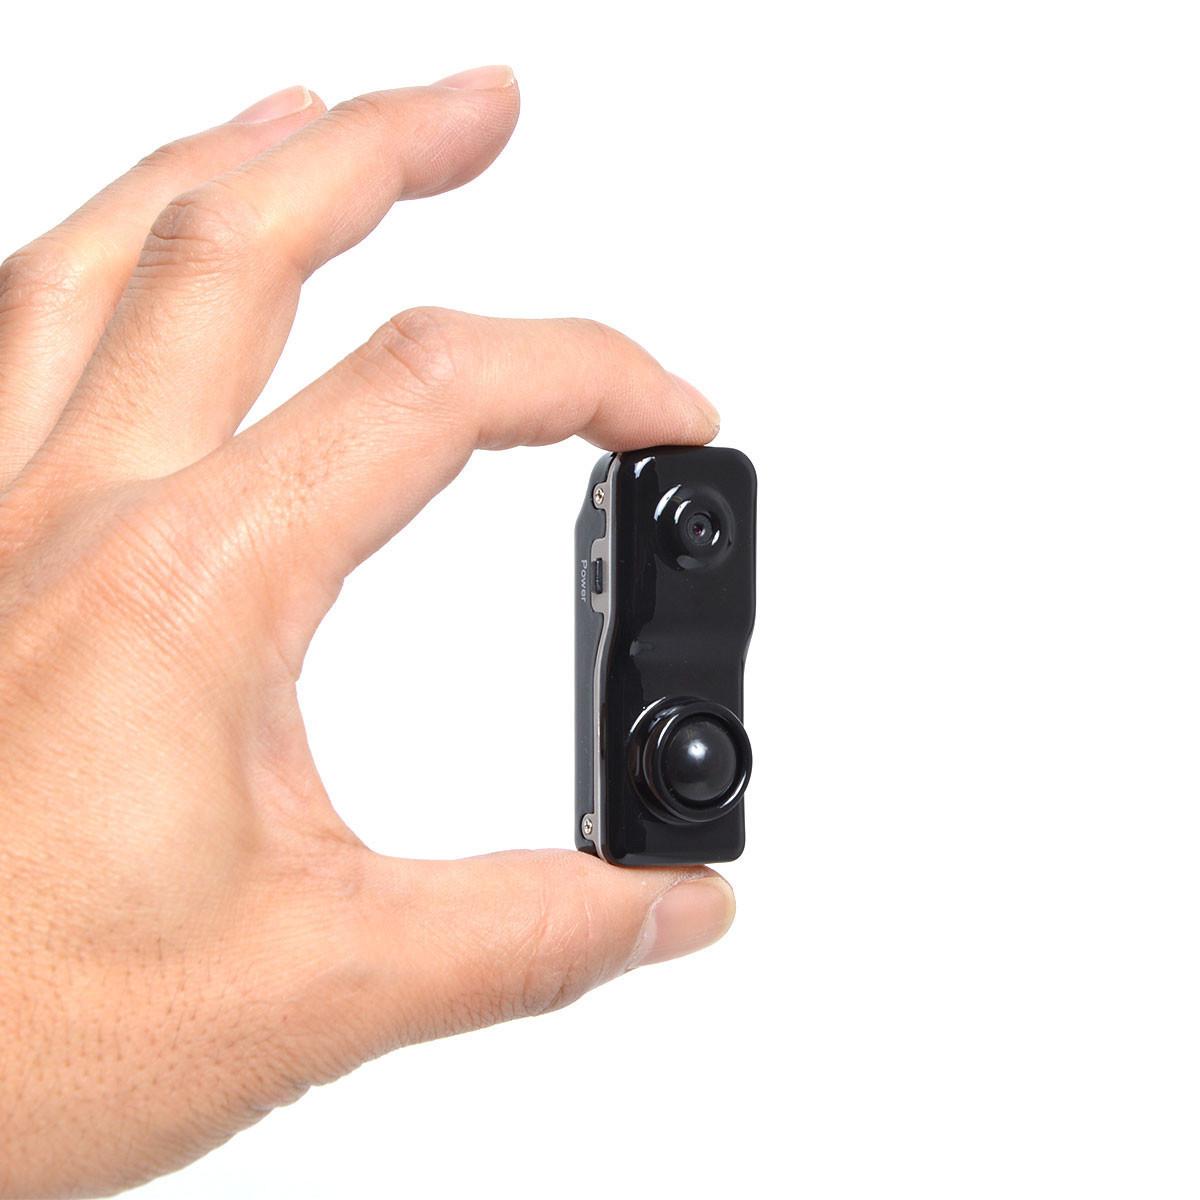 是電池般大小的錄影器材,能夠安裝在特定地方拍攝影片這篇文章的首圖